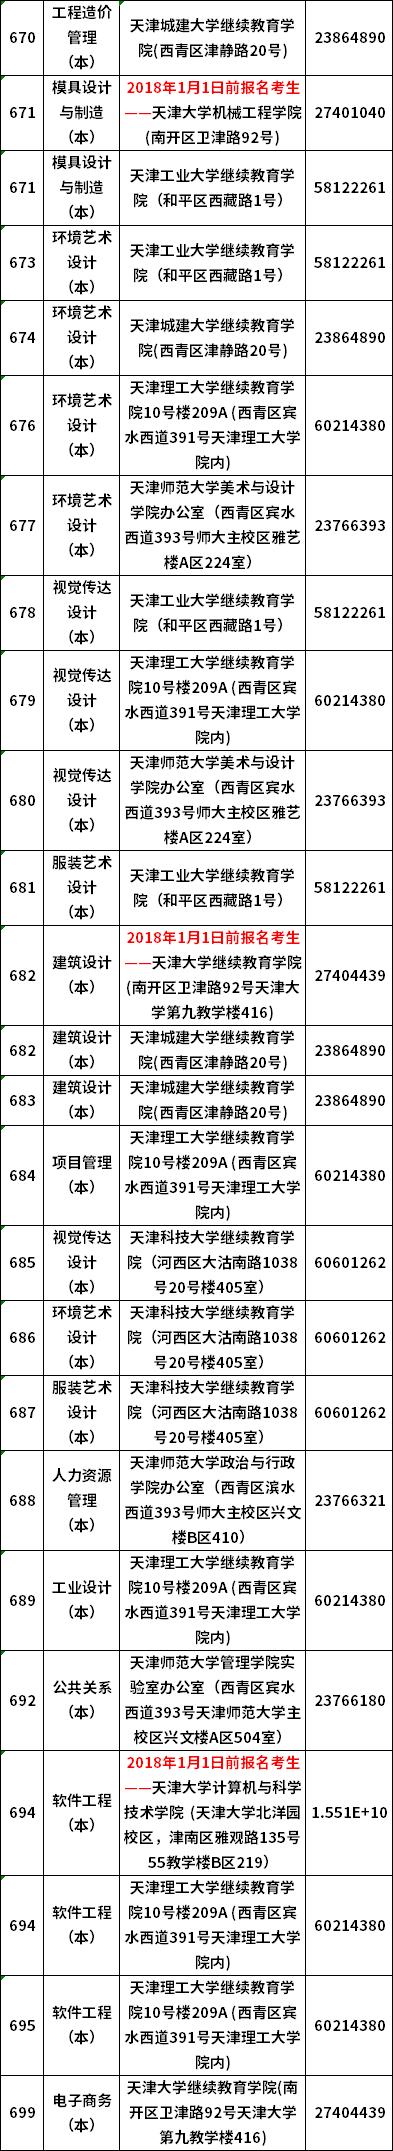 天津2021年10月自学考试实践课程考核主考校联系报到一览表